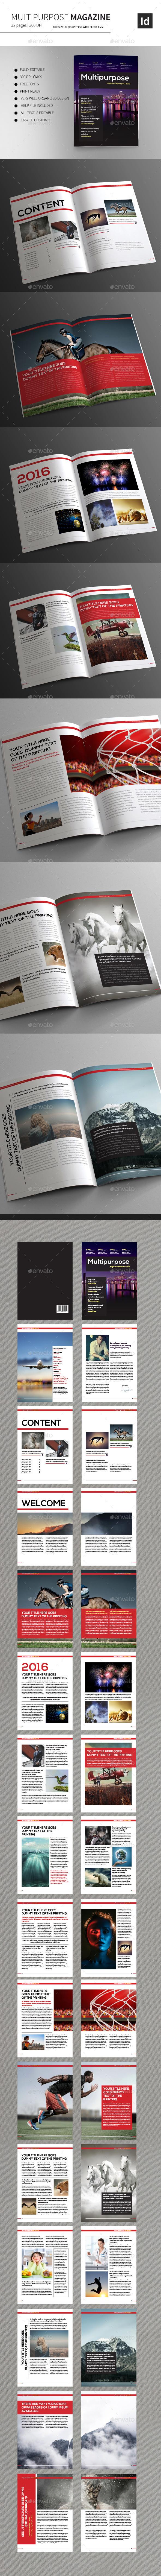 Multipurpose Magazine InDesign Template - Magazines Print Templates